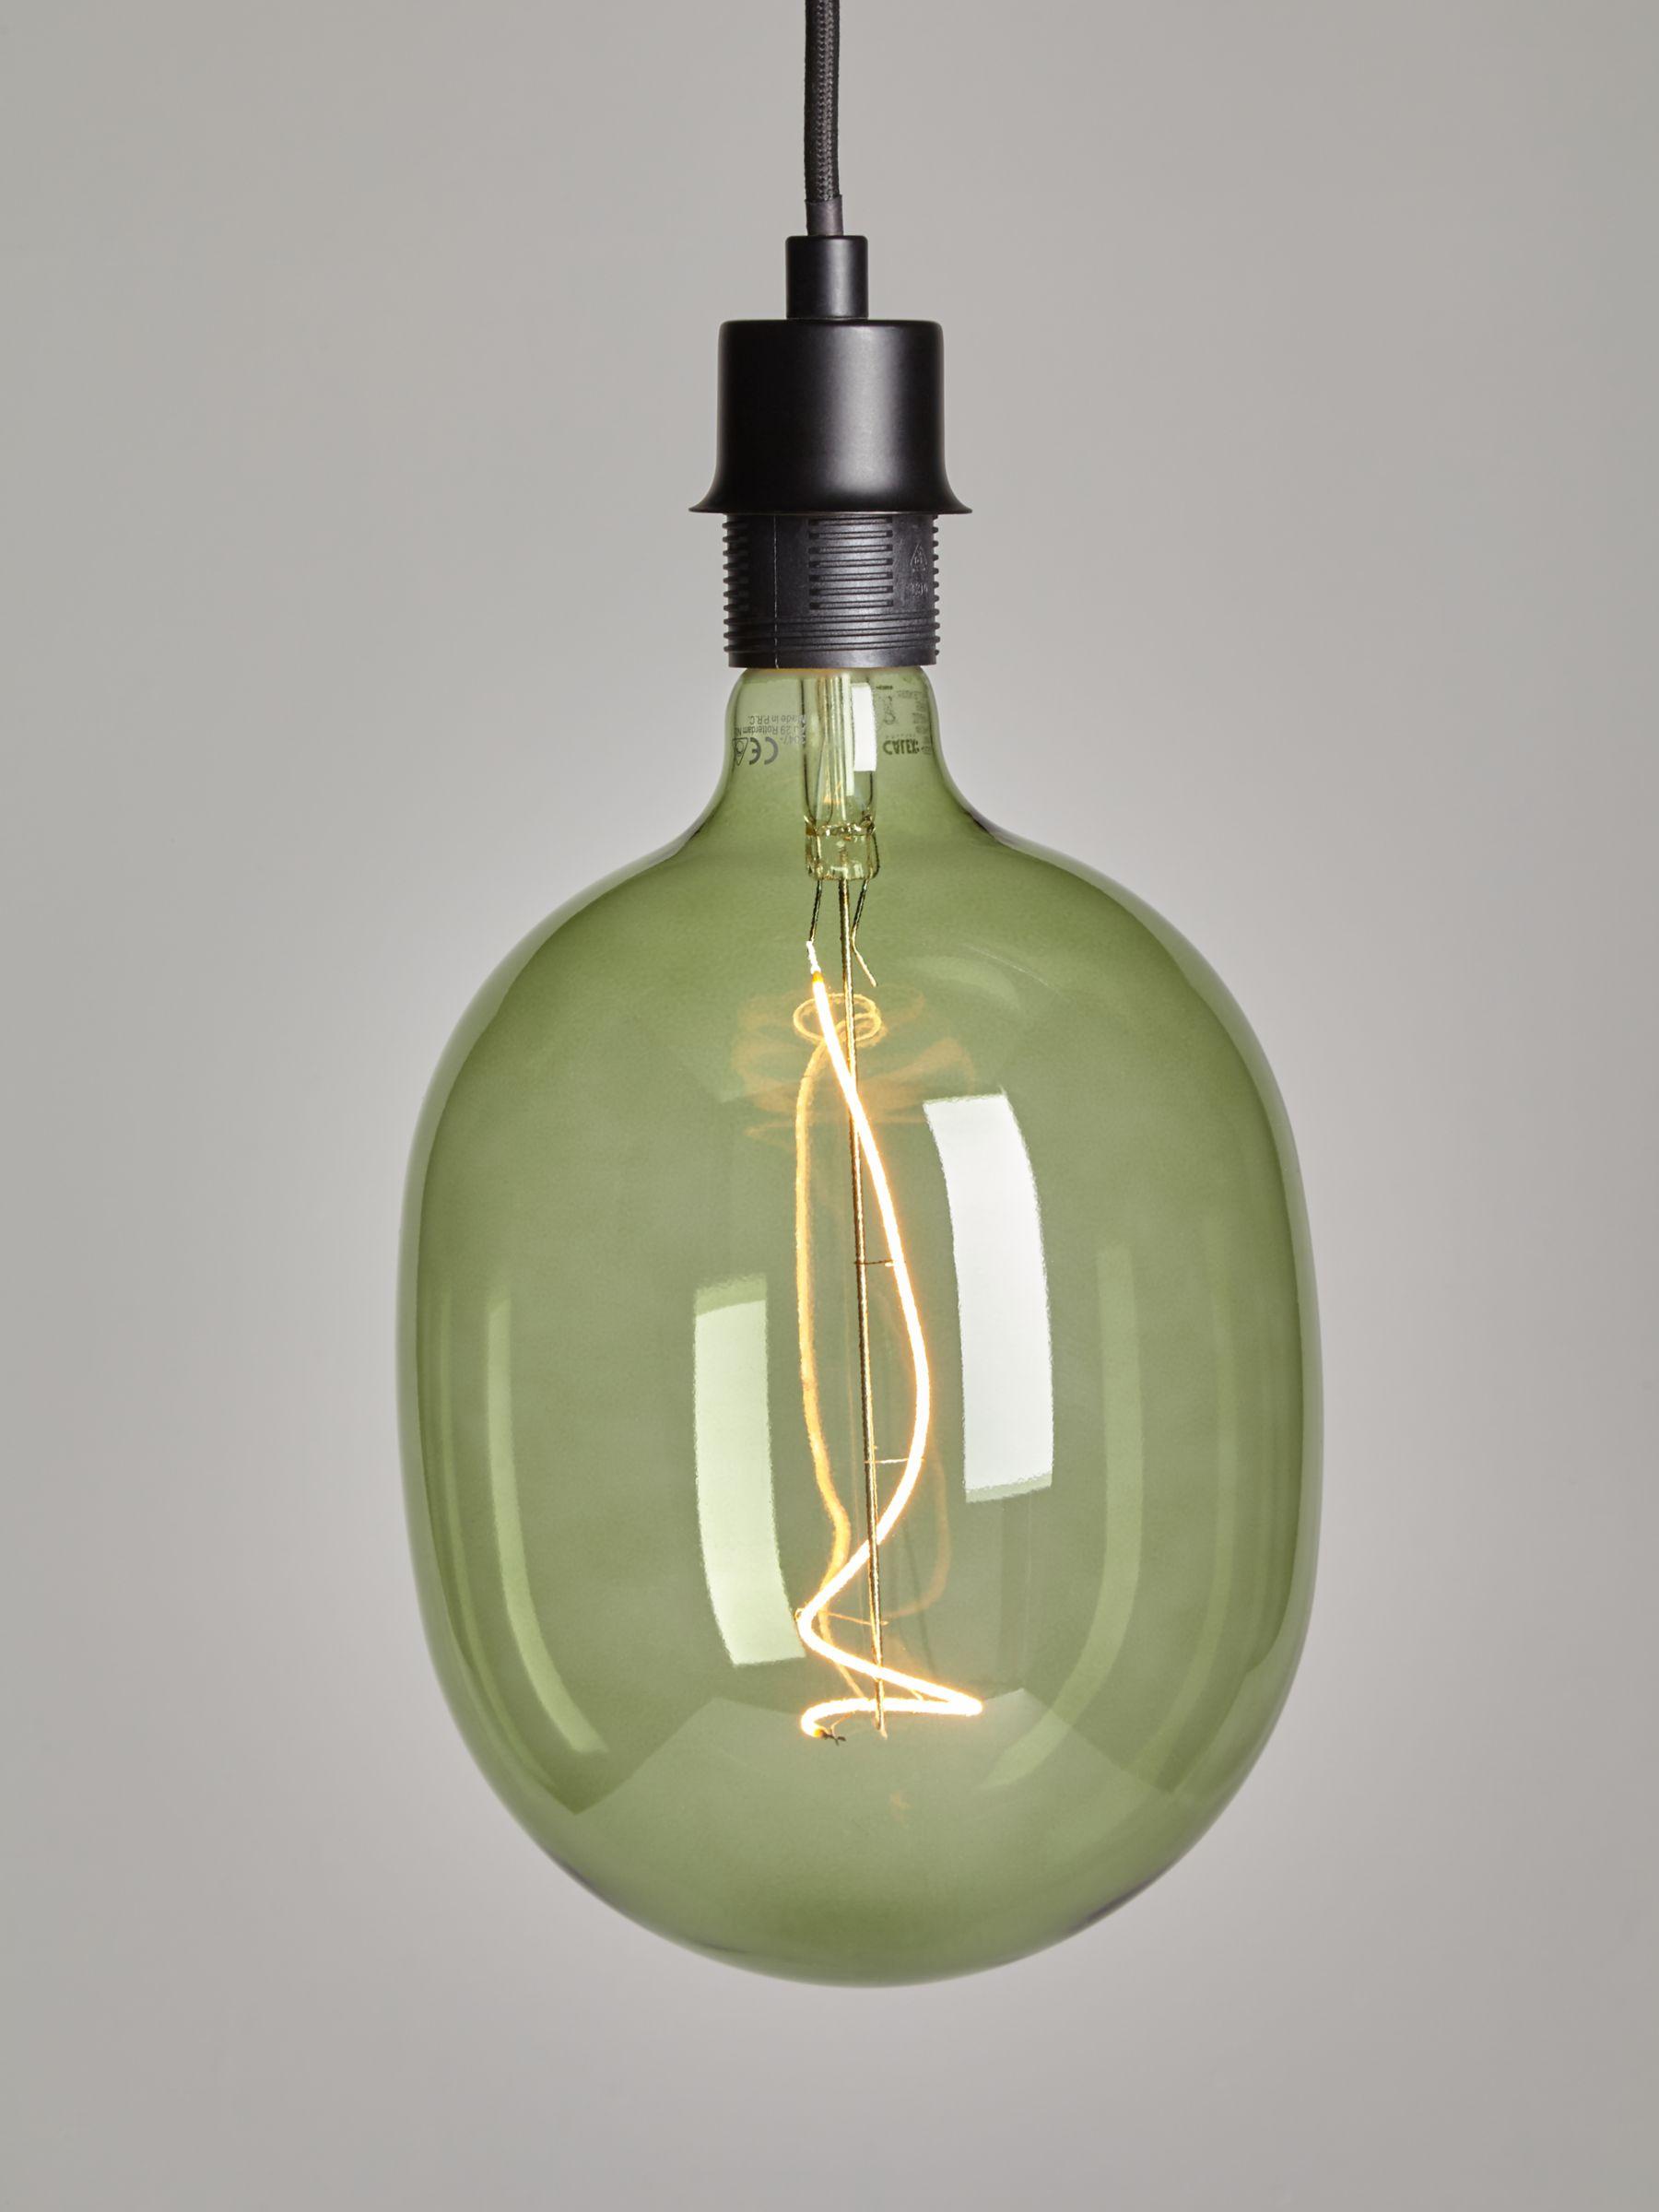 Calex Calex Avesta 4W ES LED Dimmable Filament Bulb, Emerald